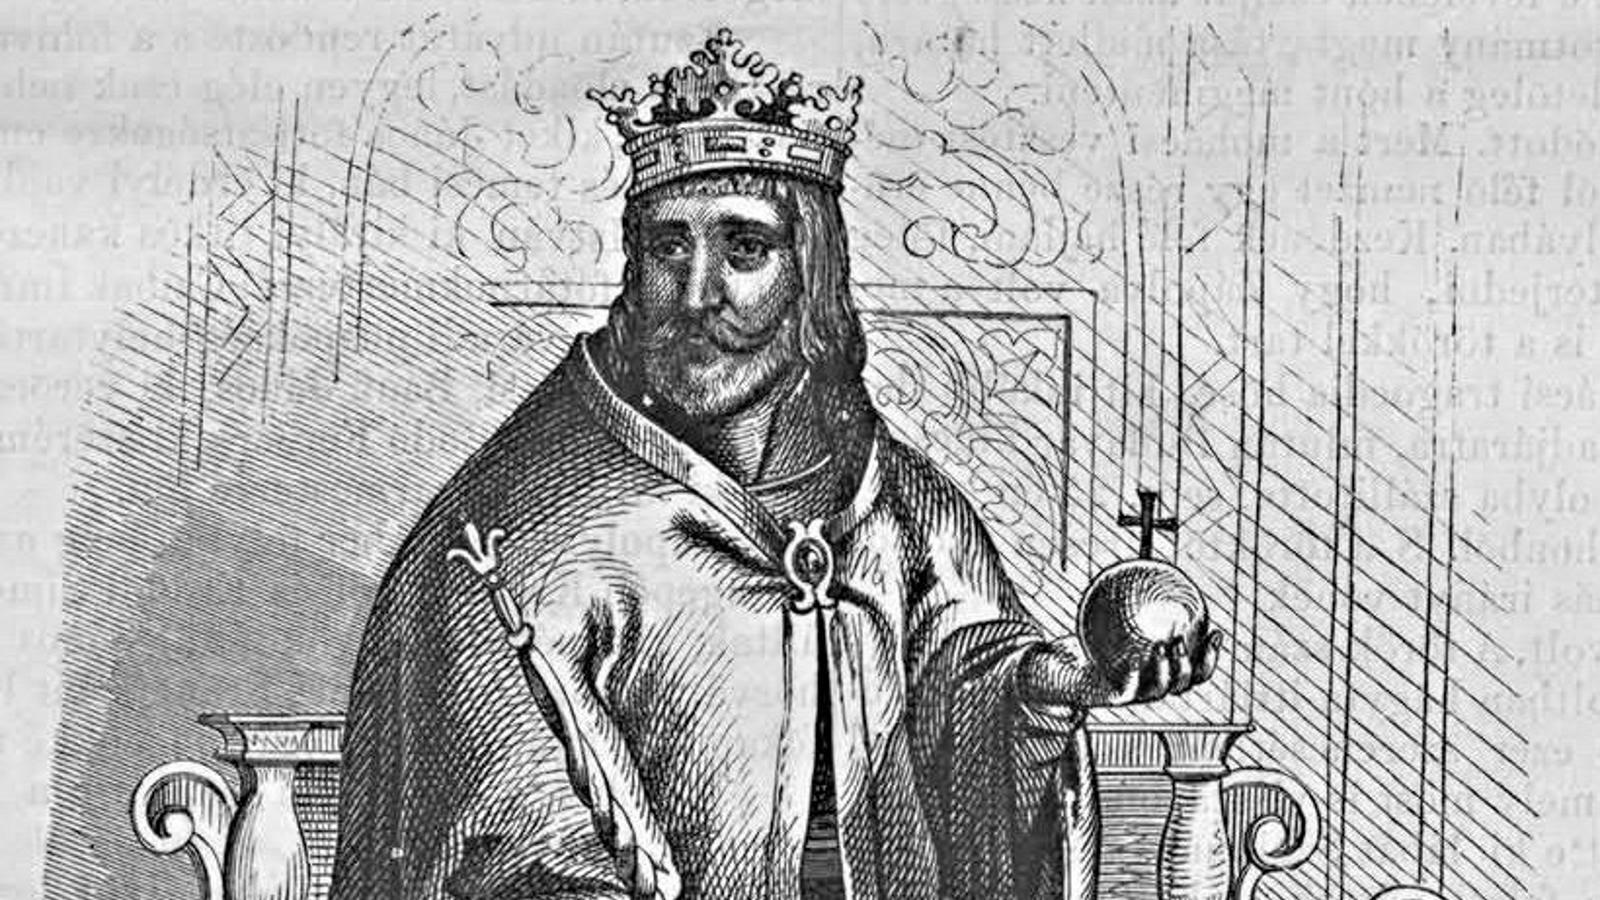 Erdélyben érte fia születésének híre Szapolyai Jánost, aminek az egyébként már beteg, agyvérzésen átesett magyar király annyira megörült, hogy körbelovagolta táborát. Az esti lakomára már nem akart menni, de nemesei unszolására mégis részt vett rajta. A buli annyira féktelenre sikeredett, hogy többen a párbajozásig egymásnak mentek. János király a mulatozás másnapján ágynak esett és 1540. július 21-én úgy halt meg, hogy sose láthatta fiát, János Zsigmondot. (Wikipedia)